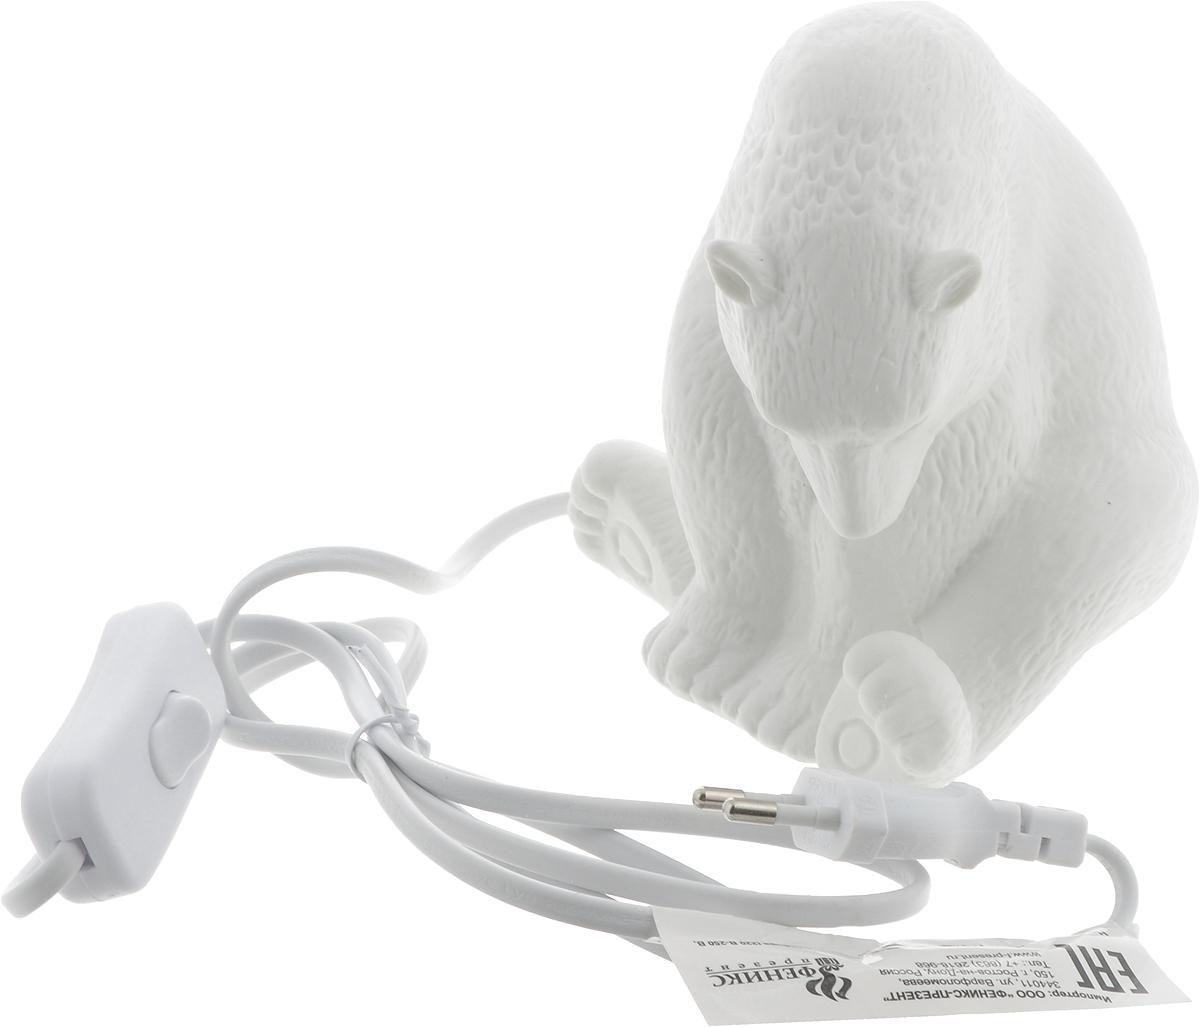 Лампа настольная Феникс-Презент Медведь, 12 х 10 х 13,5 см лампа настольная феникс презент белка цвет белый 17 х 12 х 19 см